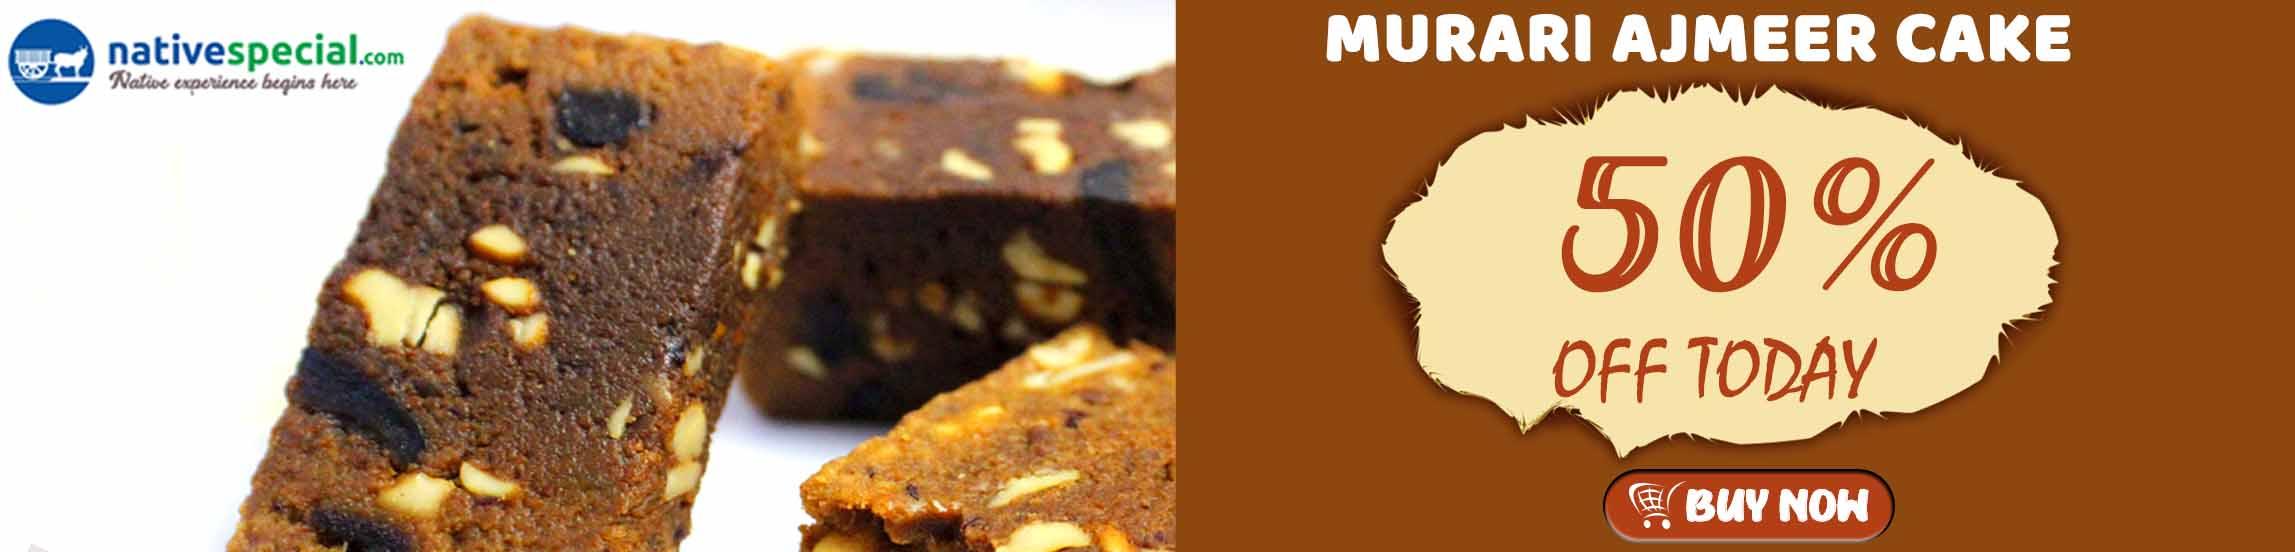 Murari-ajmeer-cake